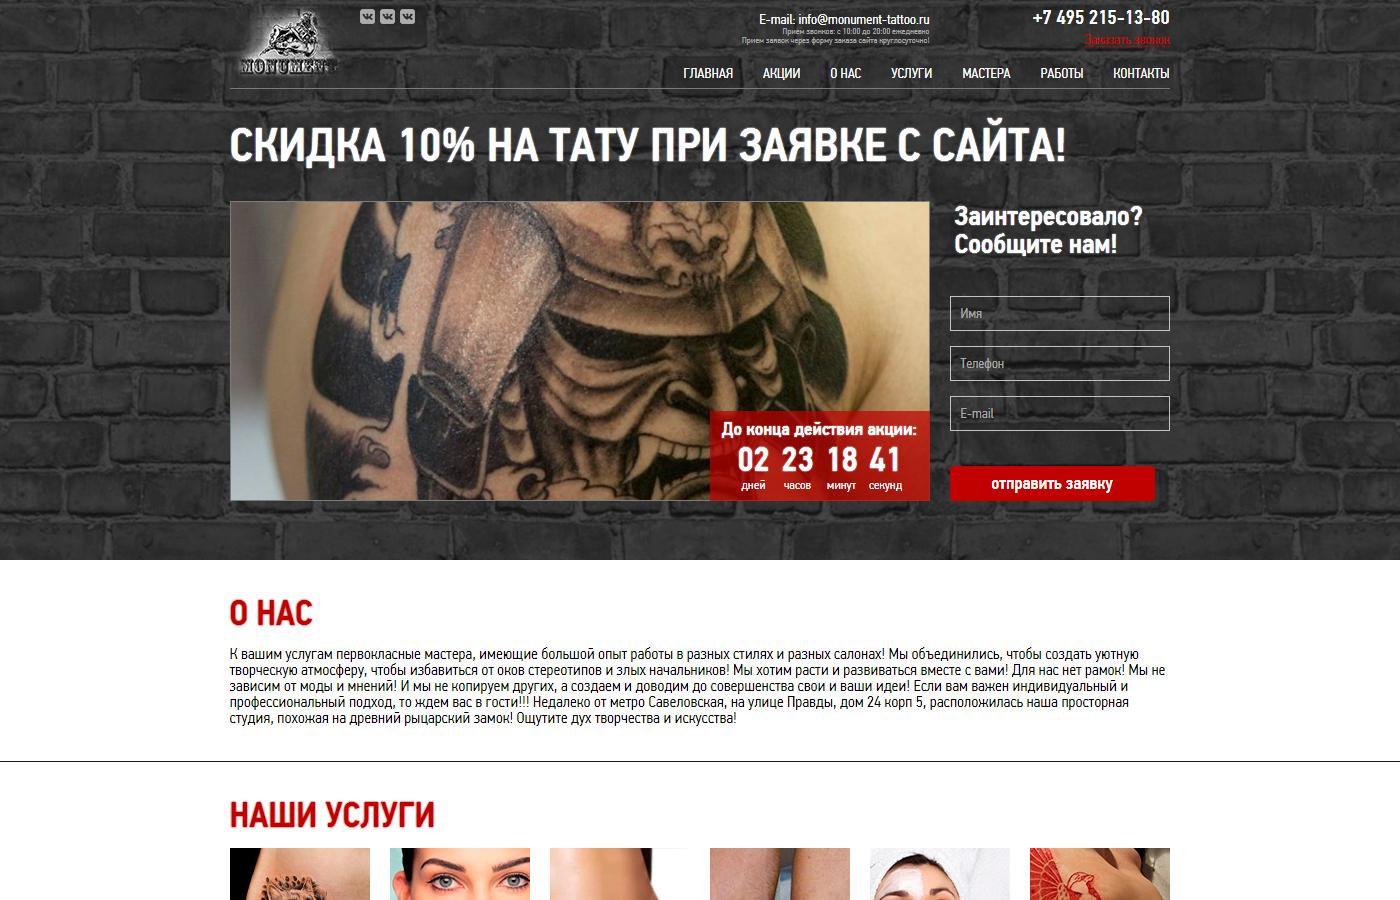 2014 - Landing Page мастерской татуировок